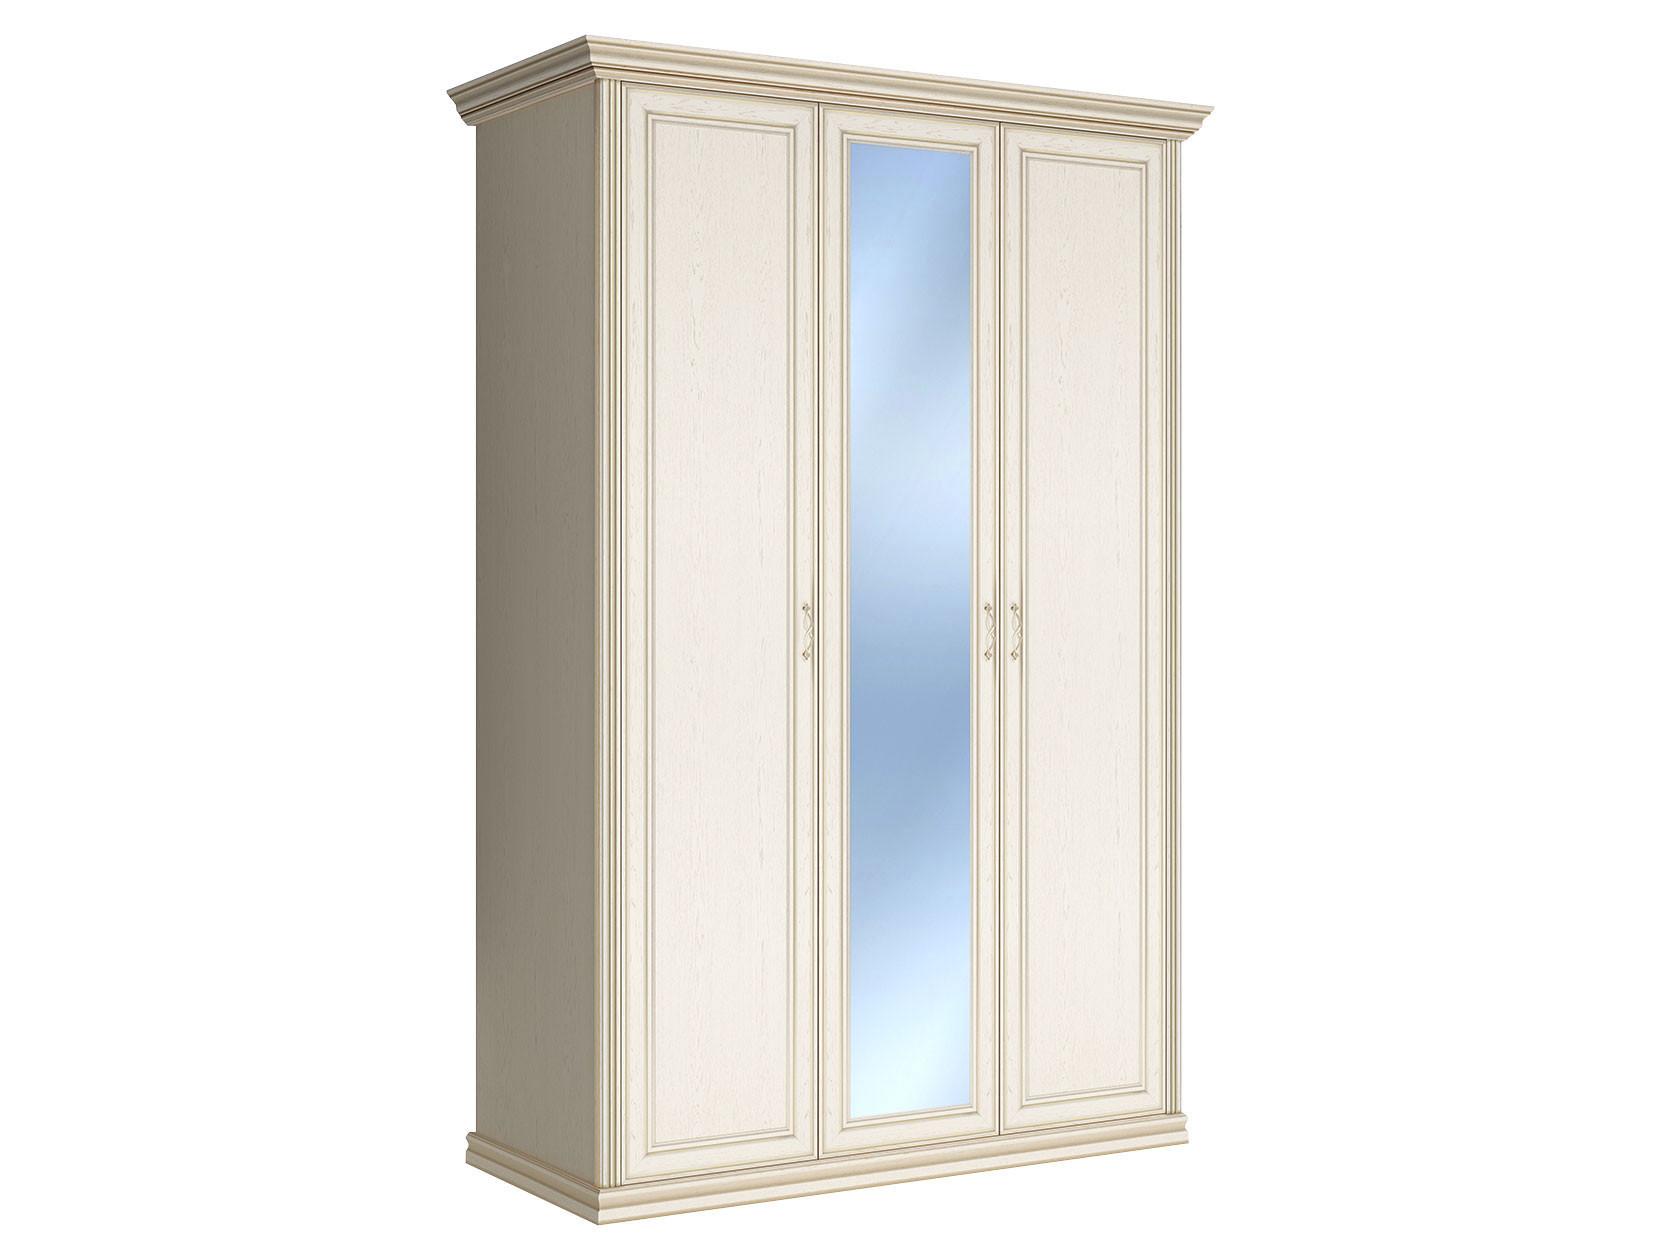 Шкаф распашной Первый Мебельный Шкаф 3-х дверный с зеркалом Венето недорого